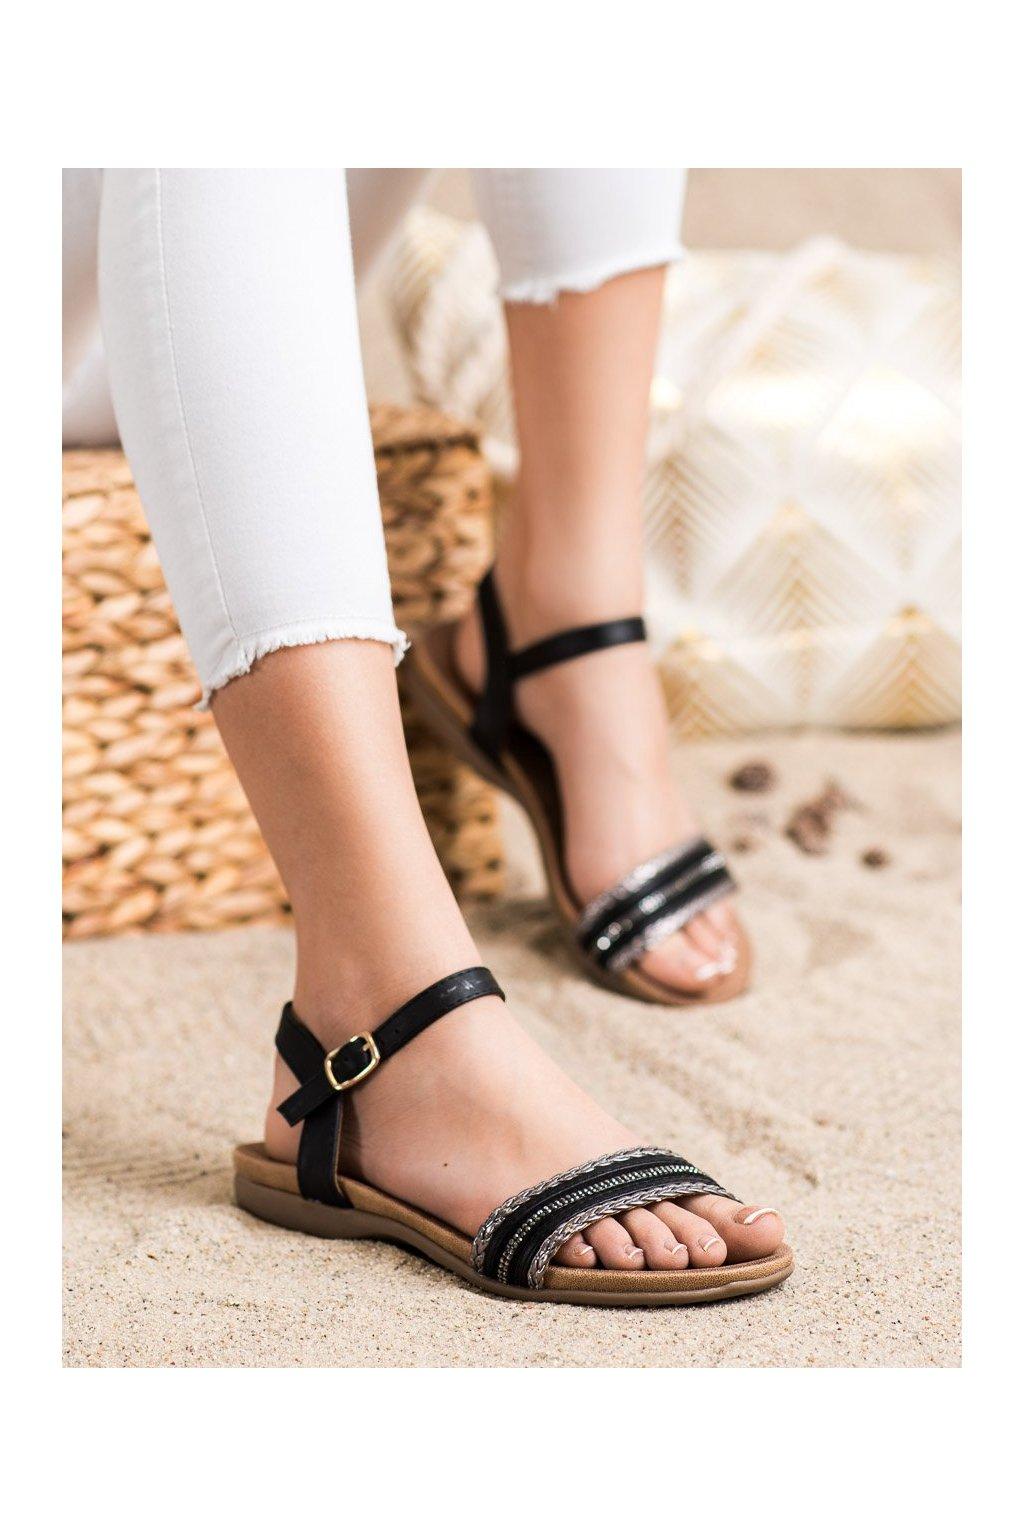 Čierne sandále s plochou podrážkou S. barski kod 6708B